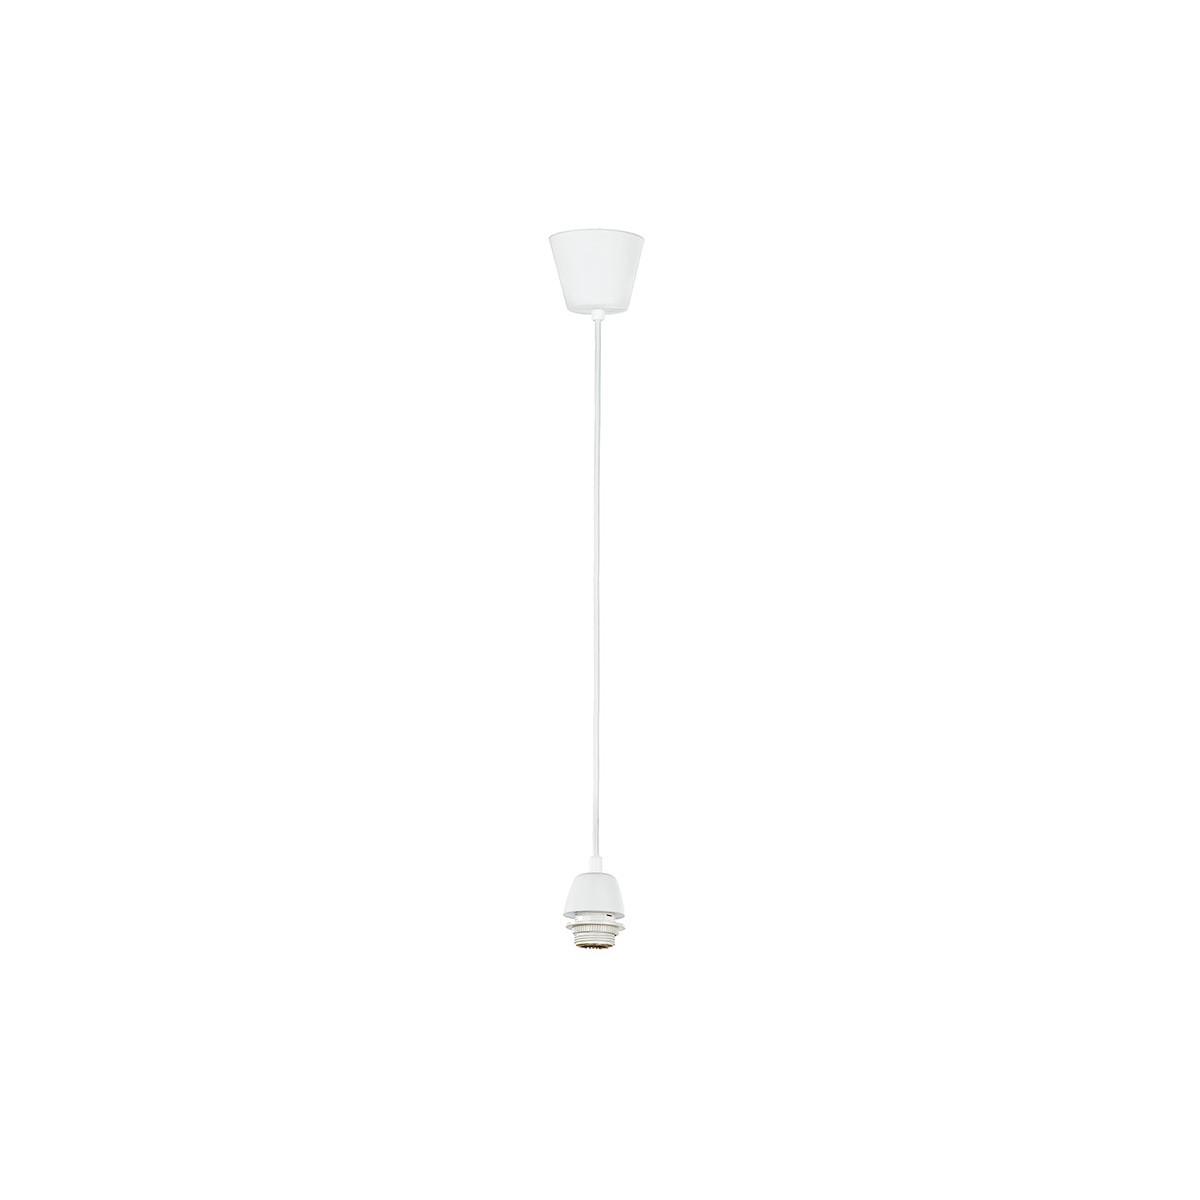 MT3202020 - Filo Pendente bianco per lampadario con attacco E27